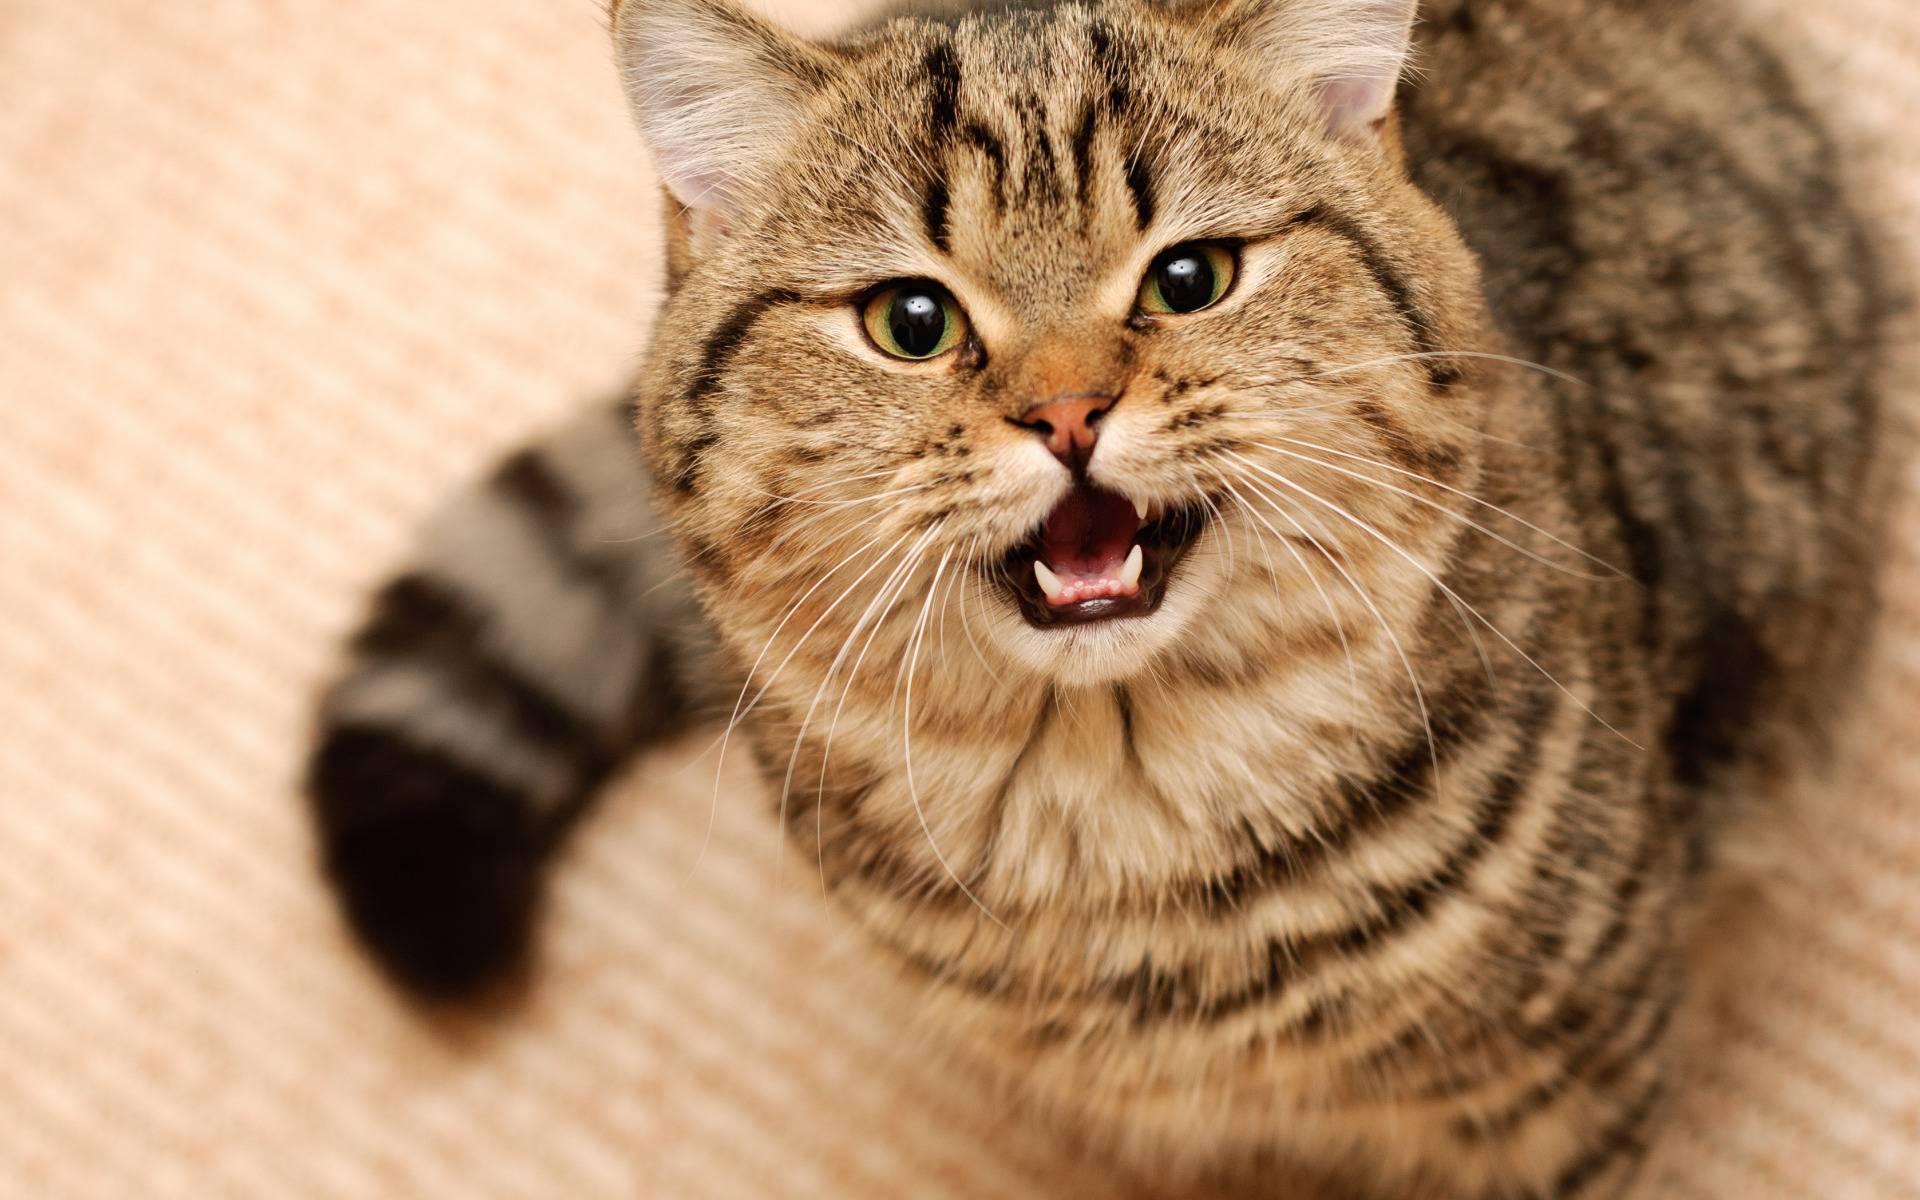 Почему котенок без причины постоянно кричит, что делать, из-за чего малыш мяукает беззвучно?